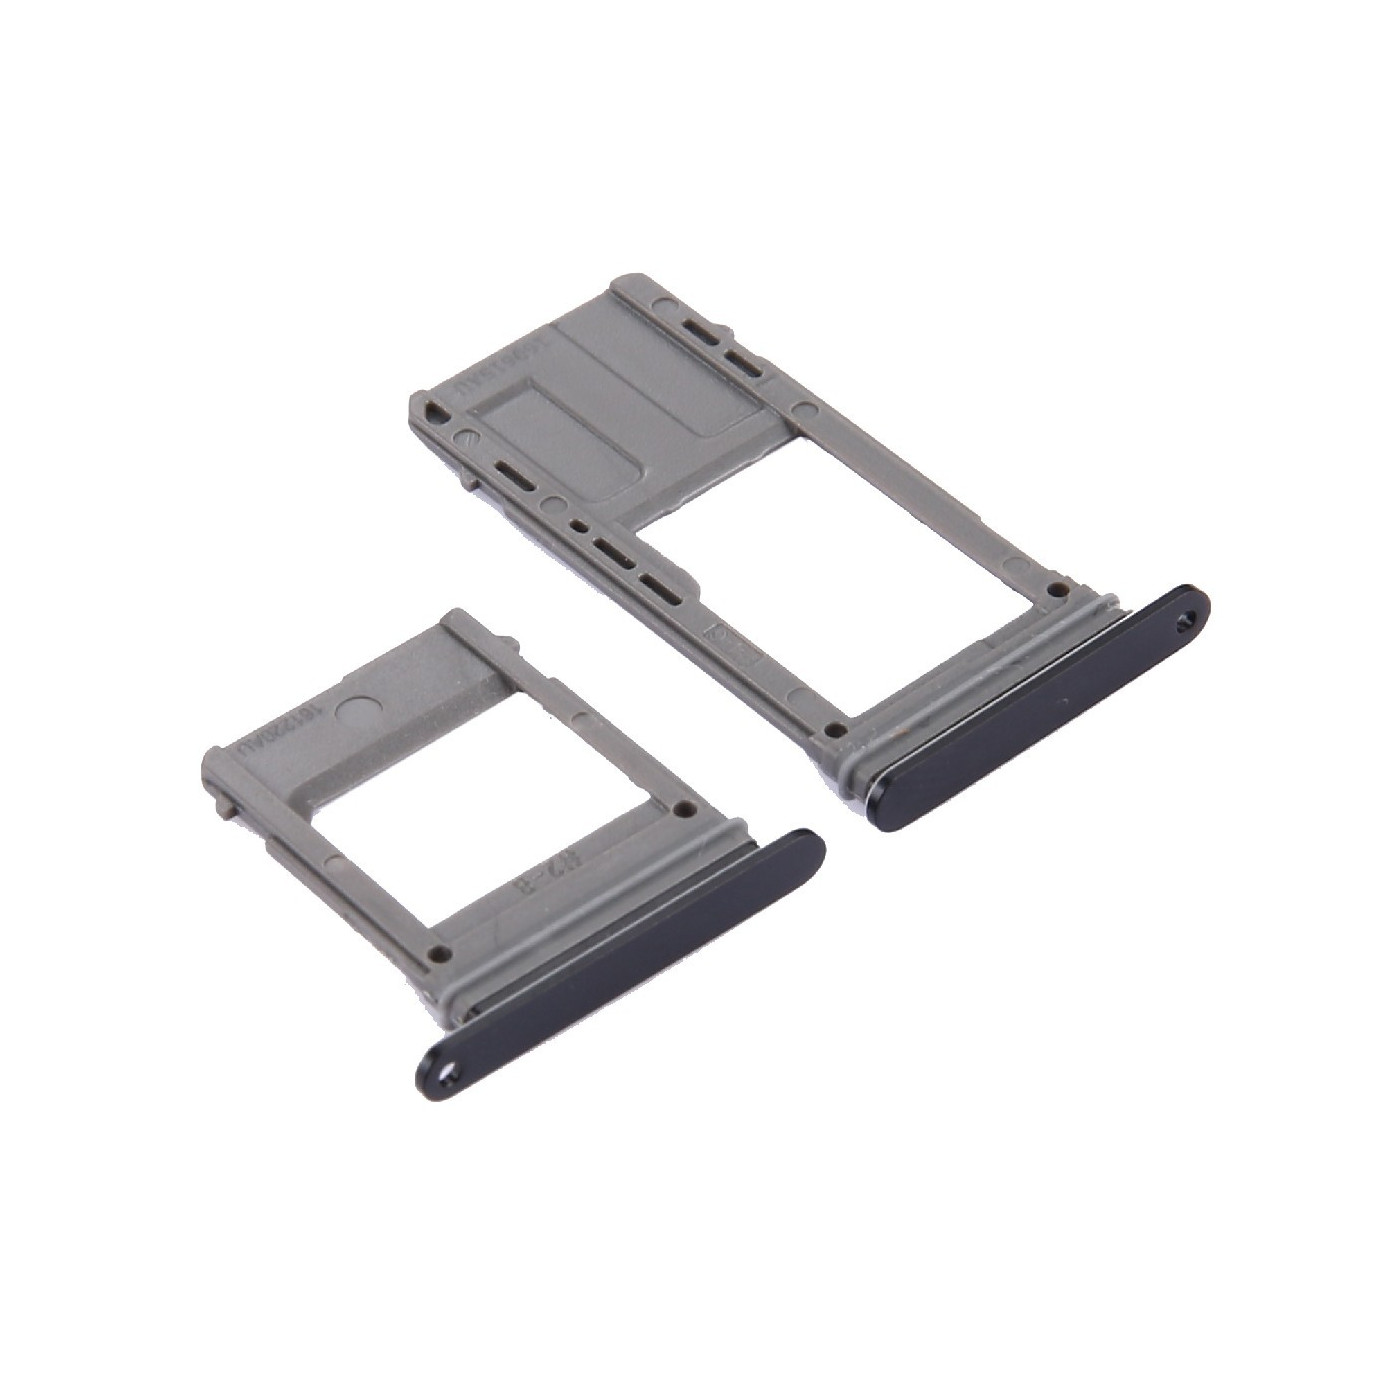 The SIM DOOR SD CARD Galaxy A5 2017 A520 + A7 2017 A720 BLACK SLOT SLIDE